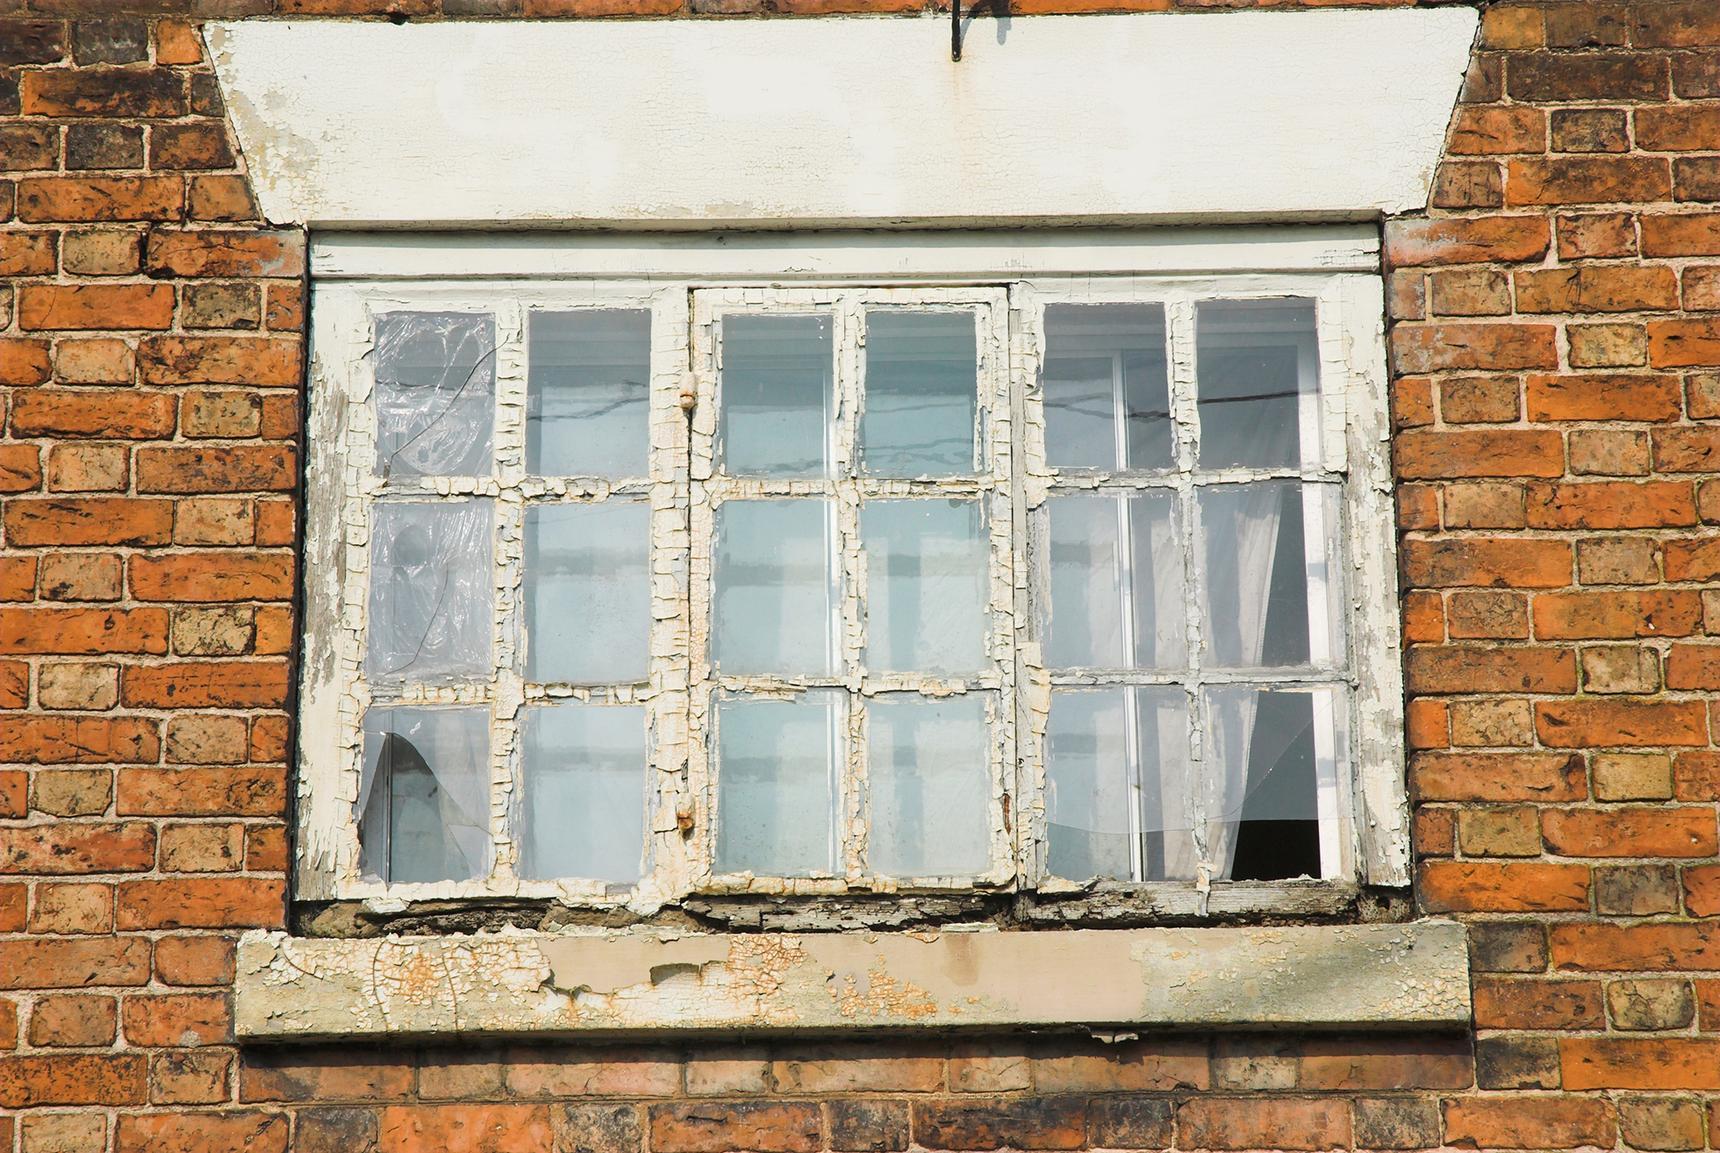 Как изменить размер окна в старом 26